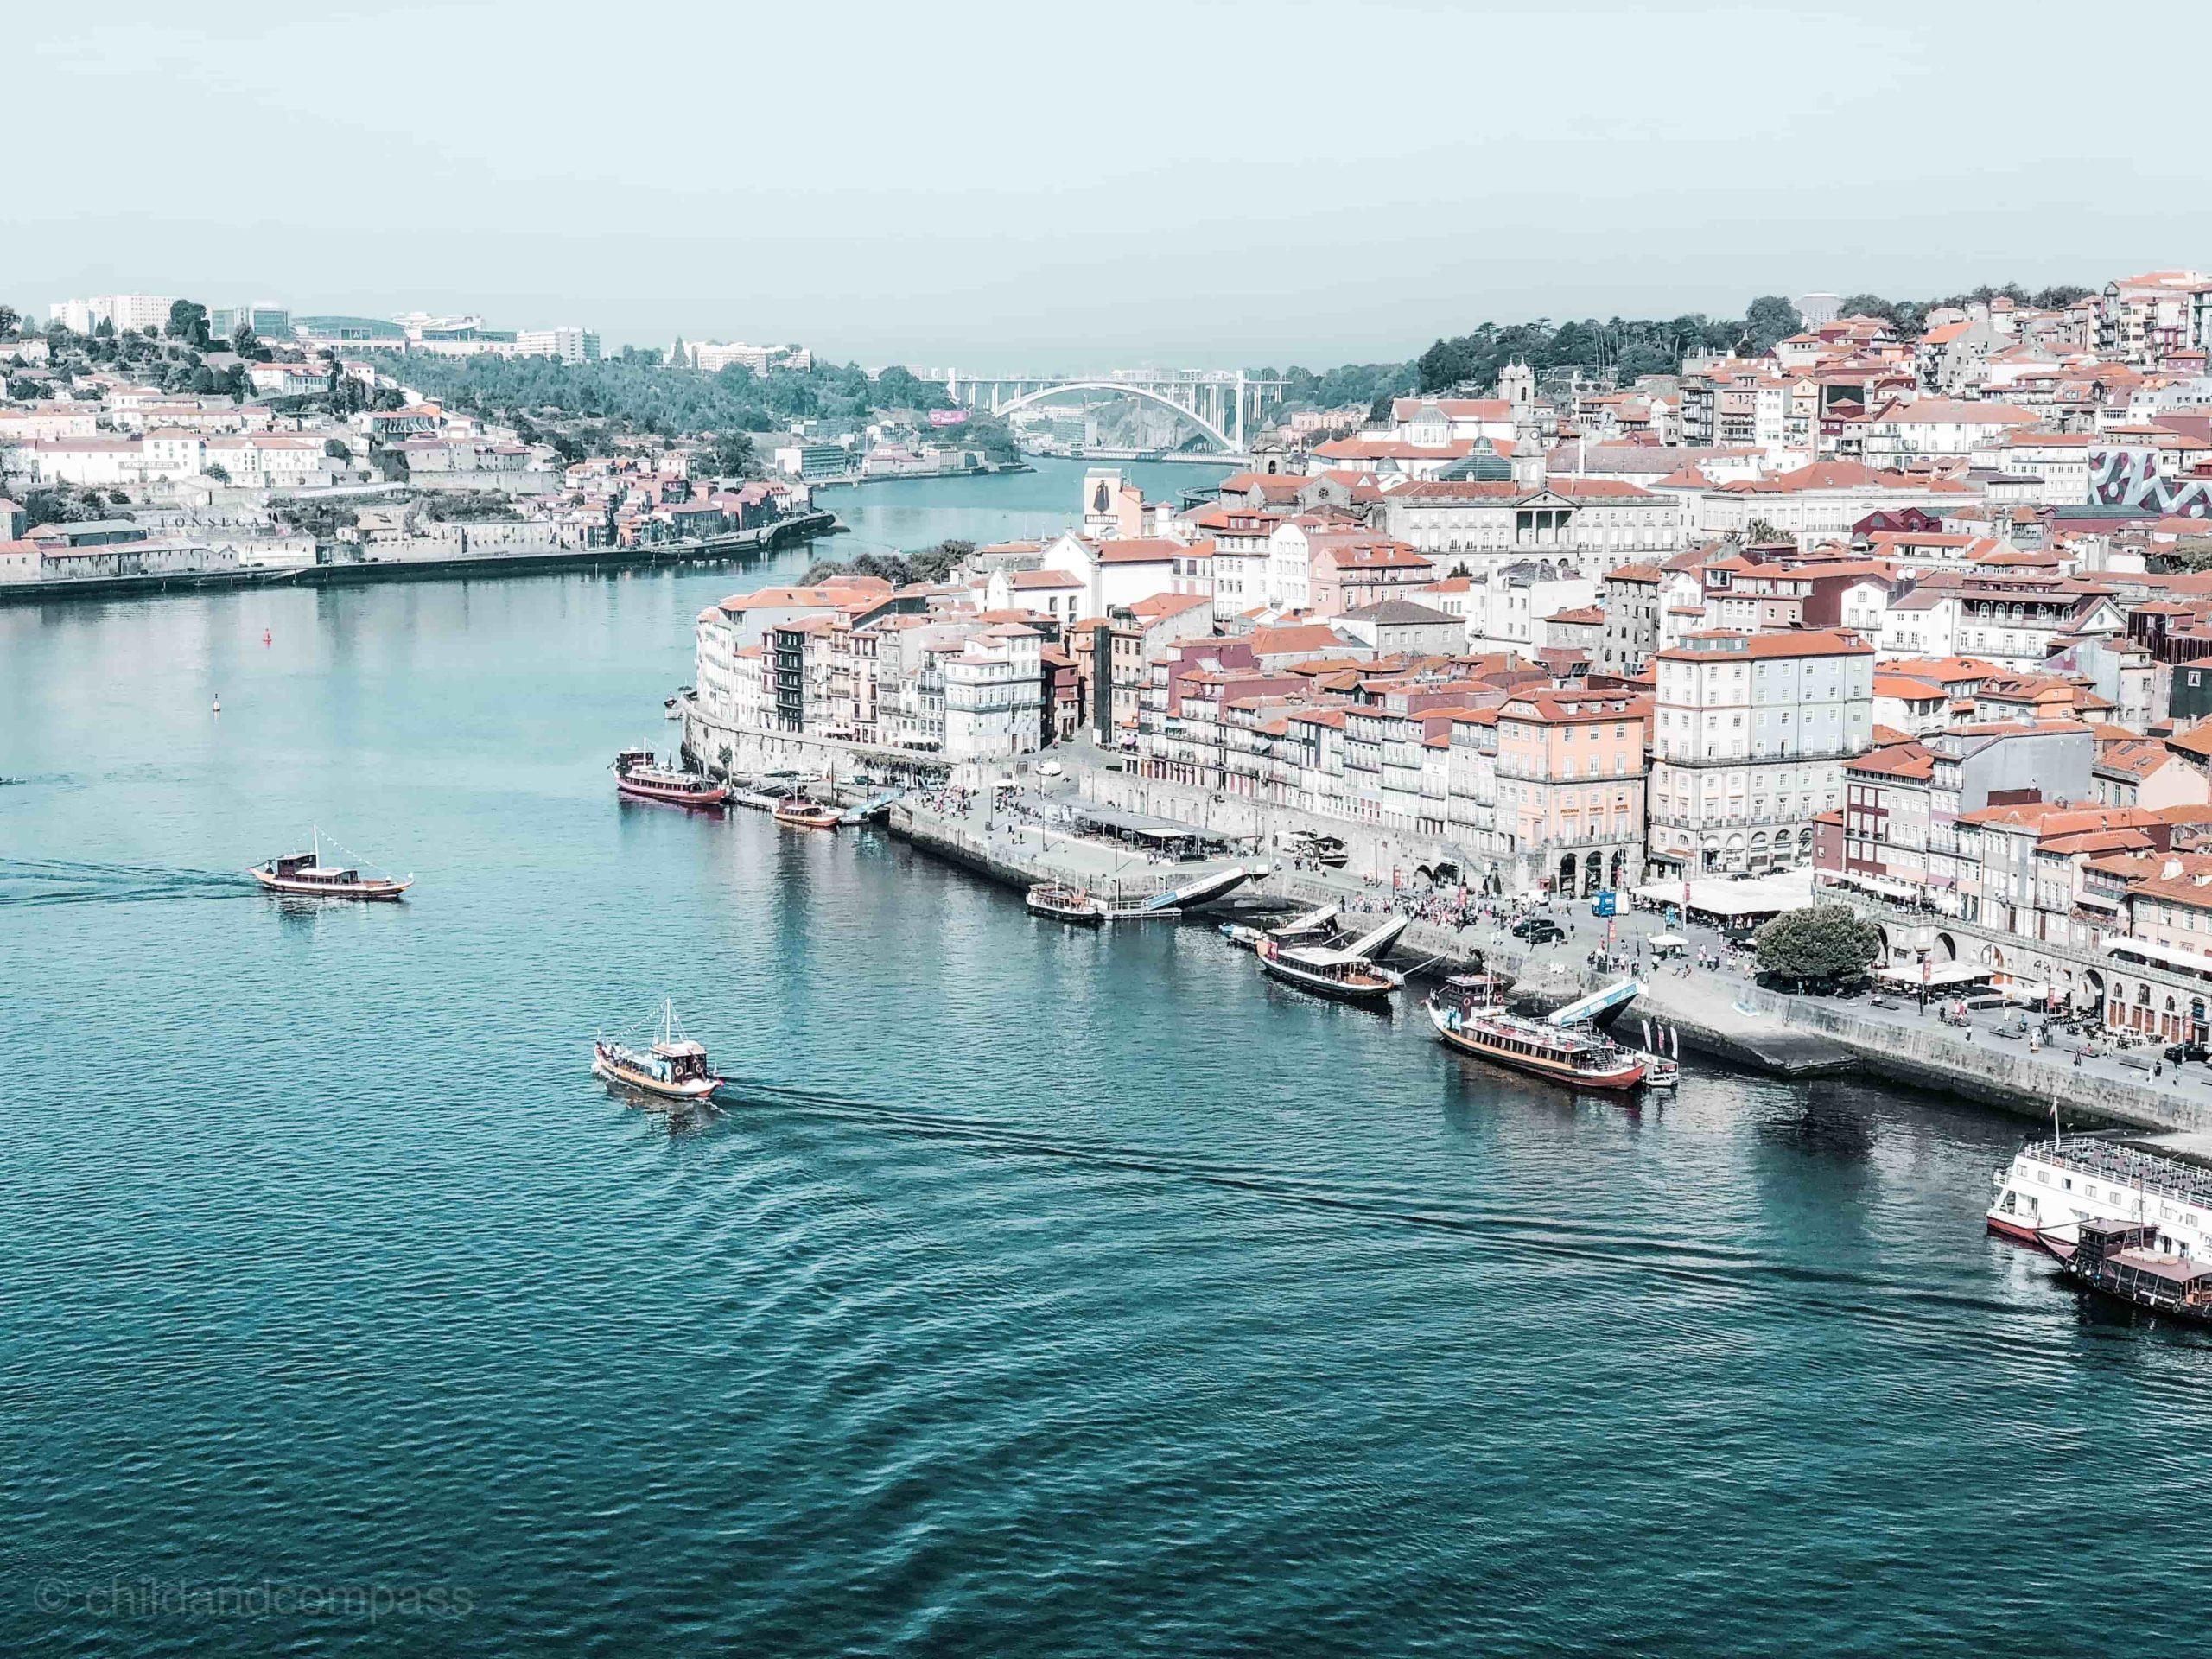 Städtereisen an Ostern, Tipps für Osterurlaub, Städtetrip an Ostern, Porto Sehenswürdigkeiten, Douro Fluss, Ribeira